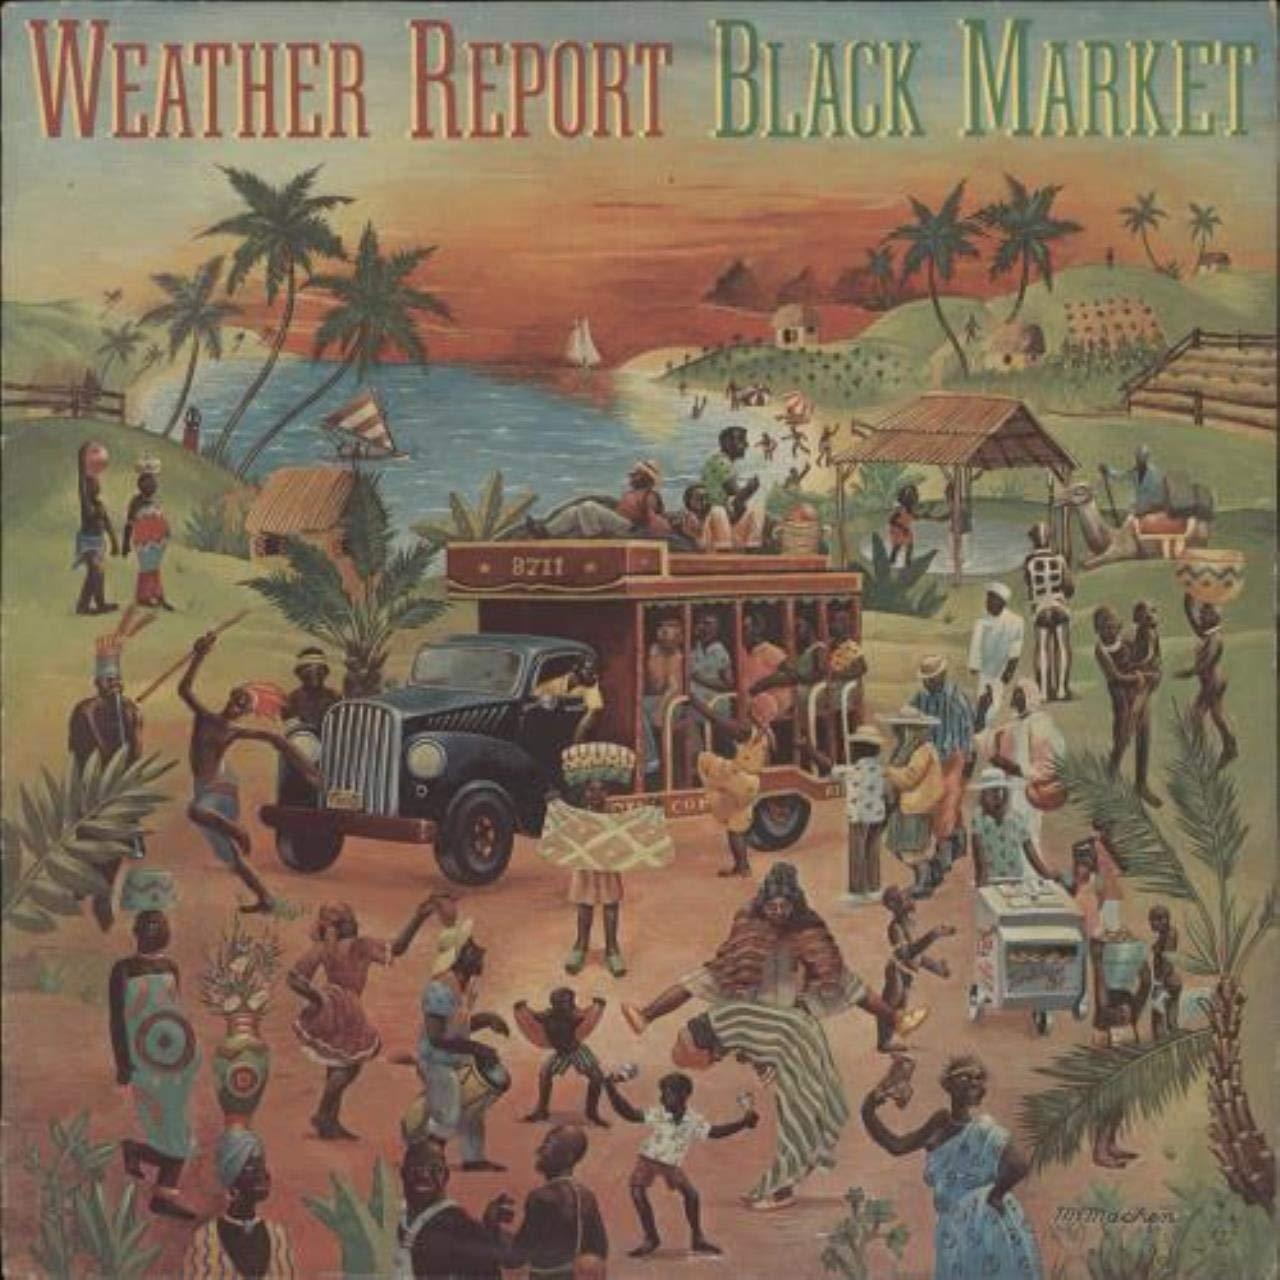 Weather Report - Weather Report, - Black Market - CBS - CBS 81325 ...